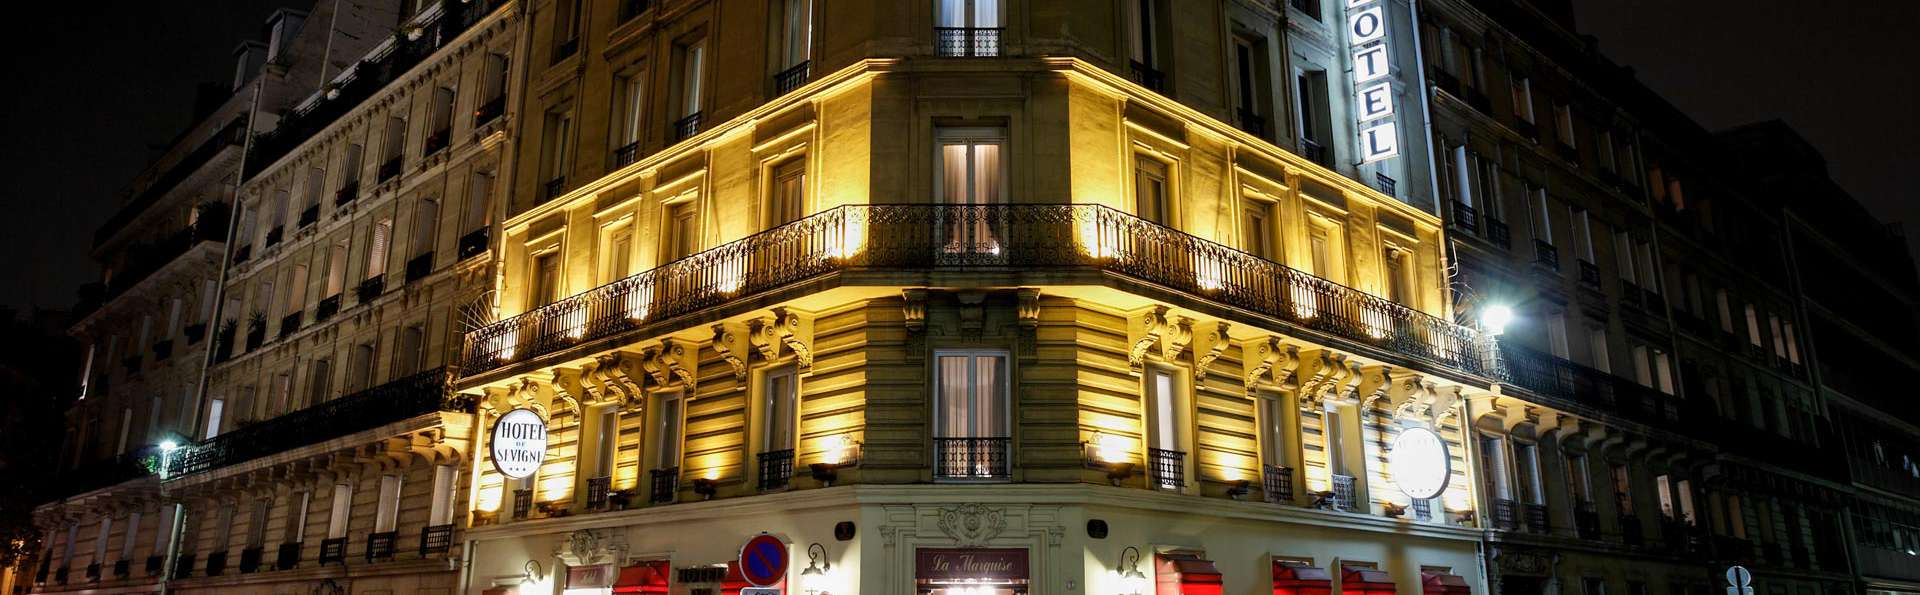 Hôtel de Sévigné - EDIT_FRONT_01.jpg